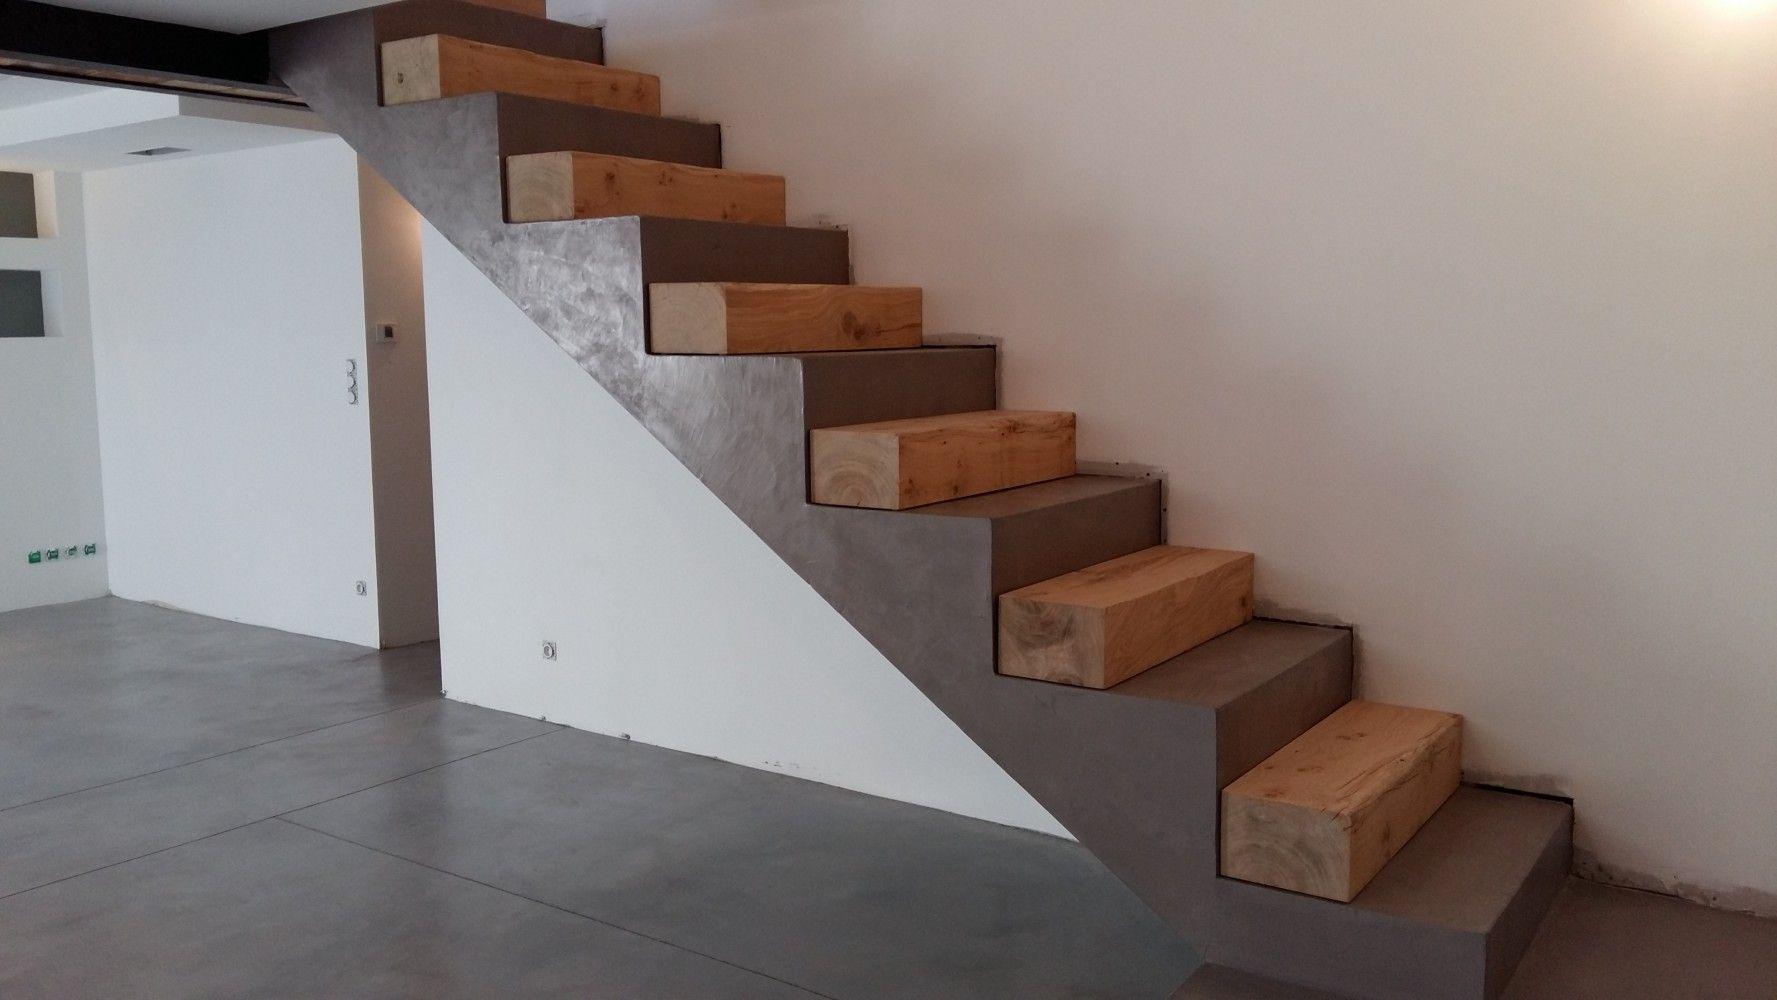 Escalier En Beton Cire Escalier Beton Escaliers Interieur Escalier Beton Cire